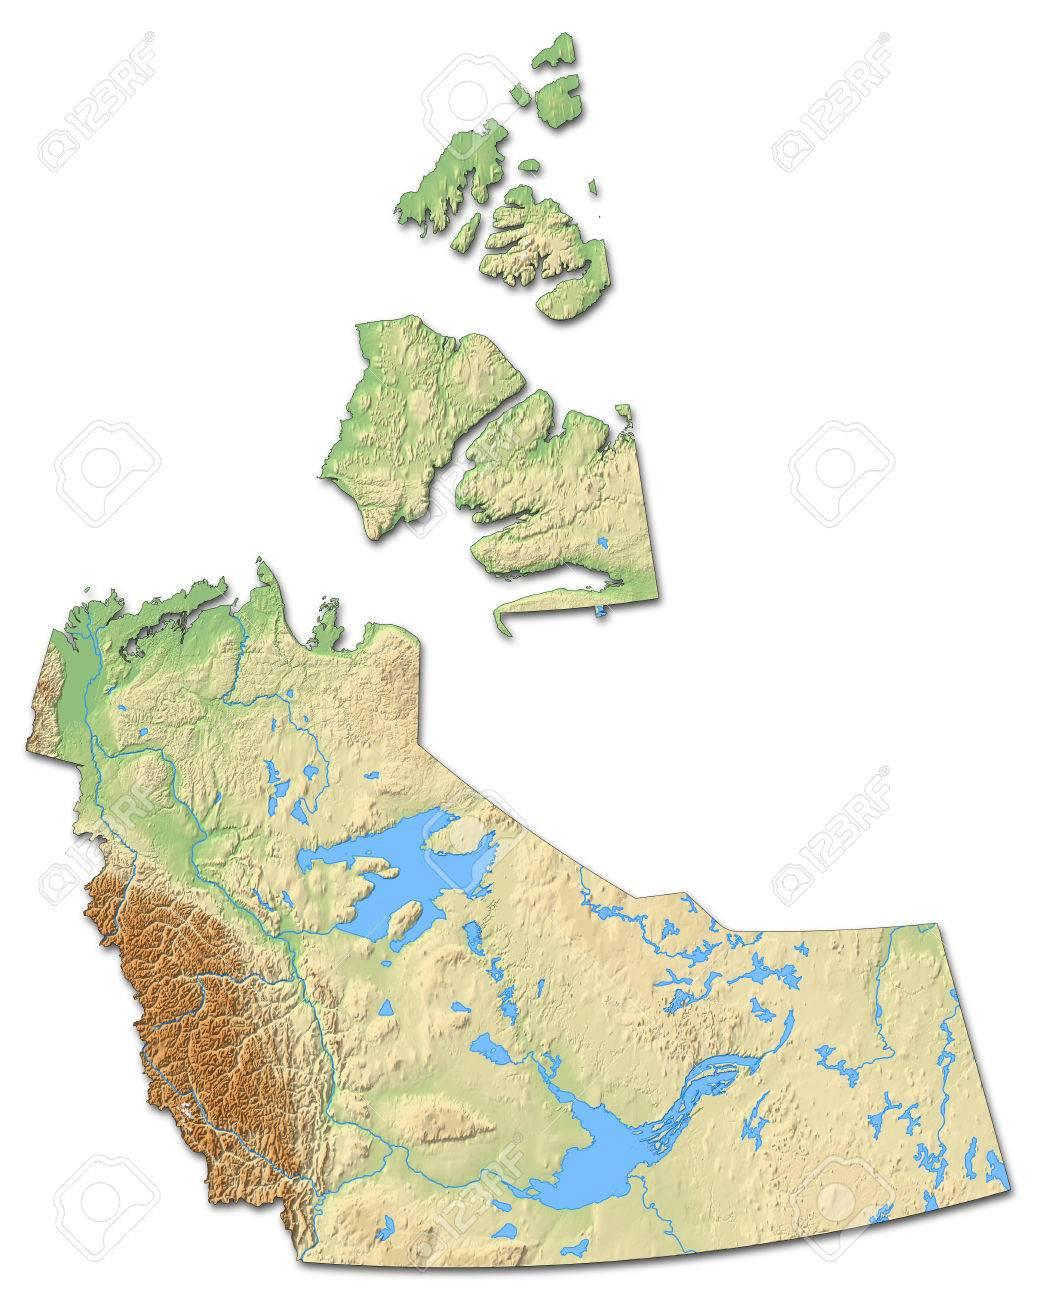 Carte Canada Nord Ouest.Carte Des Territoires Du Nord Ouest Une Province Du Canada Relief Avec Relief Ombre